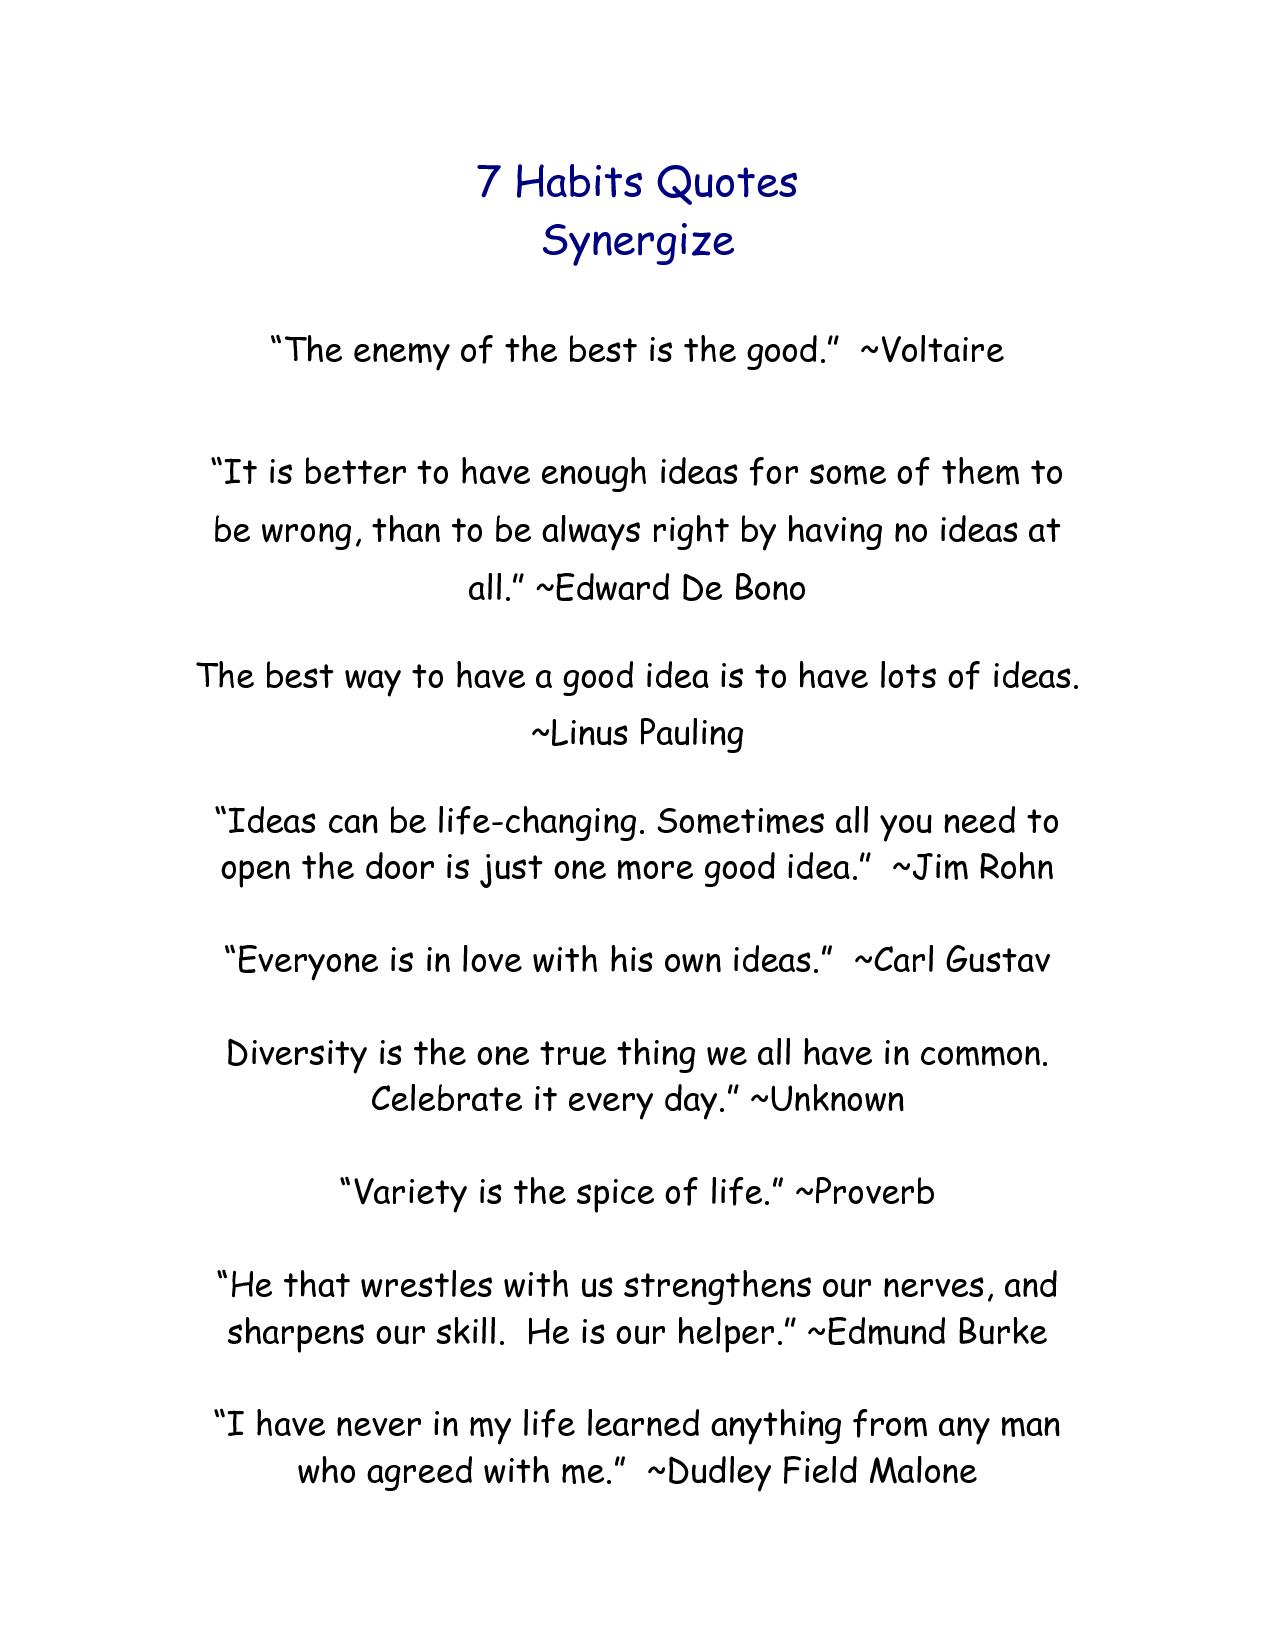 7 Habits Used In Quotes Quotesgram